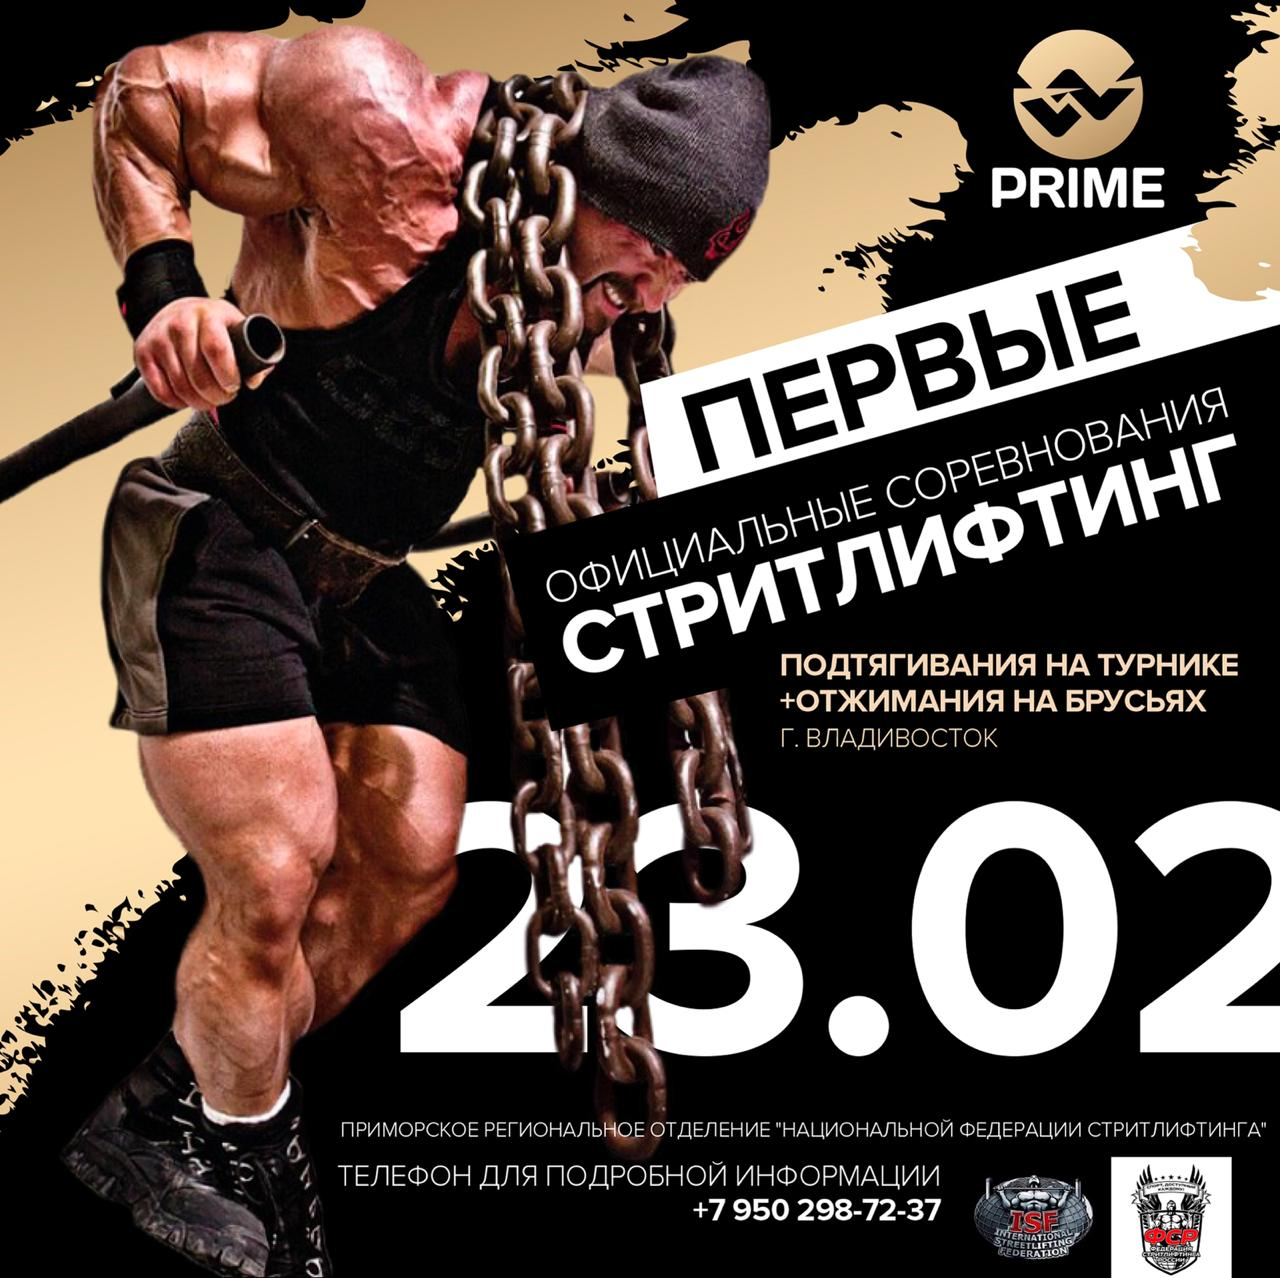 23 февраля 2019 – Открытый городской турнир, г. Владивосток, Приморский край